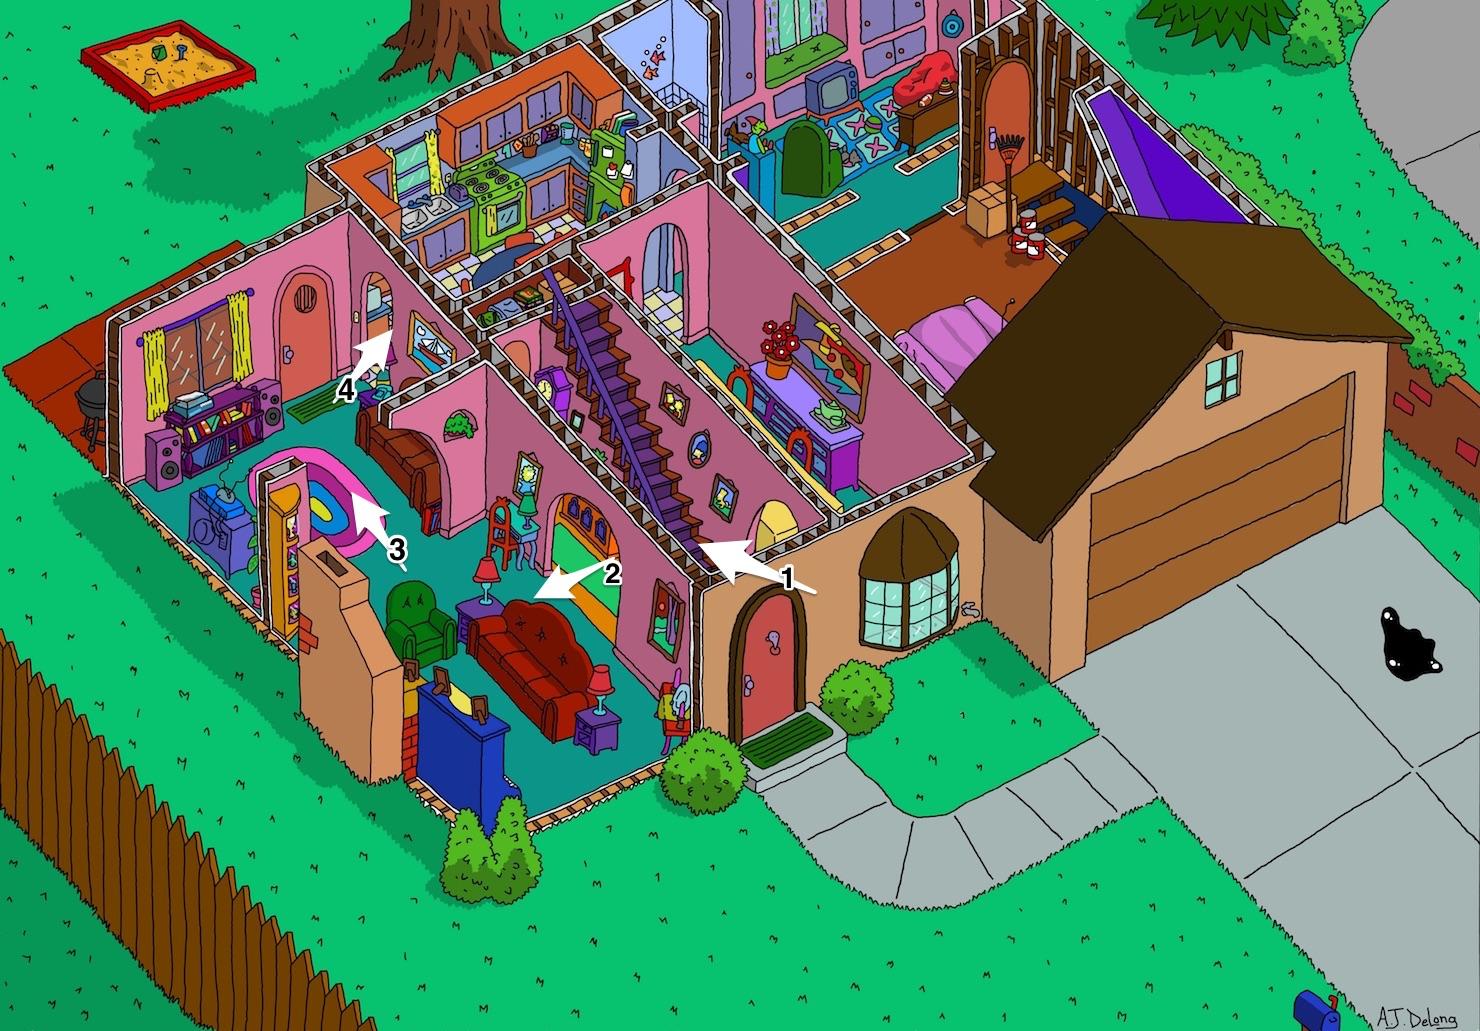 Planta do primeiro andar da casa dos Simpsons com o trajeto